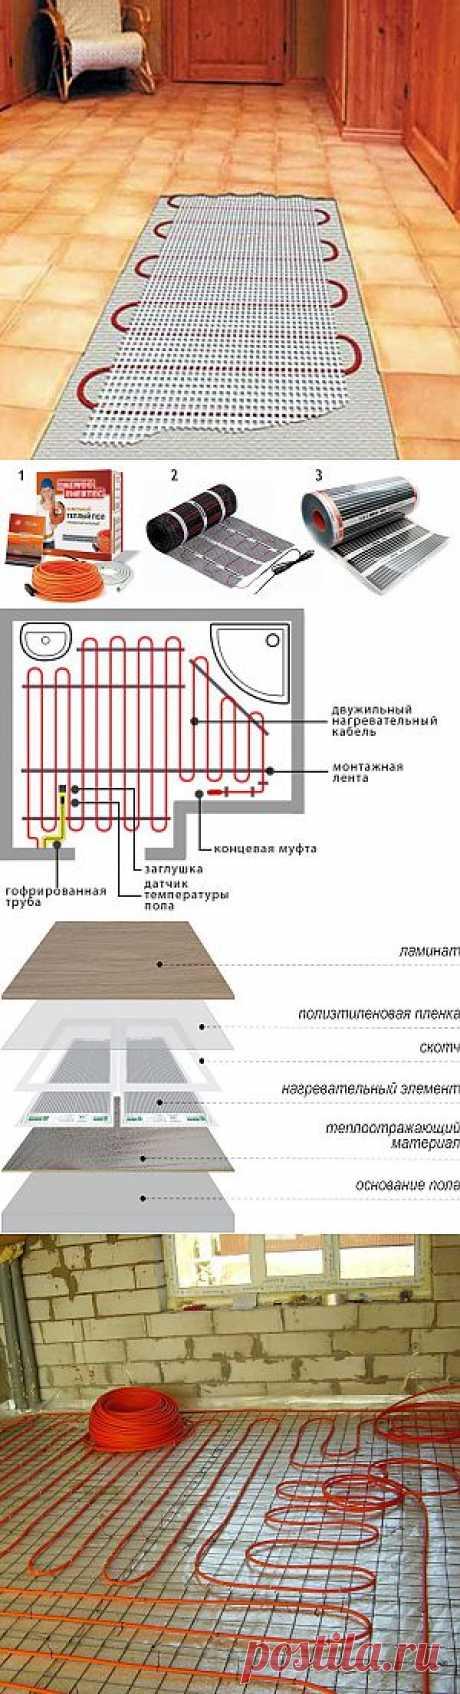 Укладка электрического теплого пола своими руками